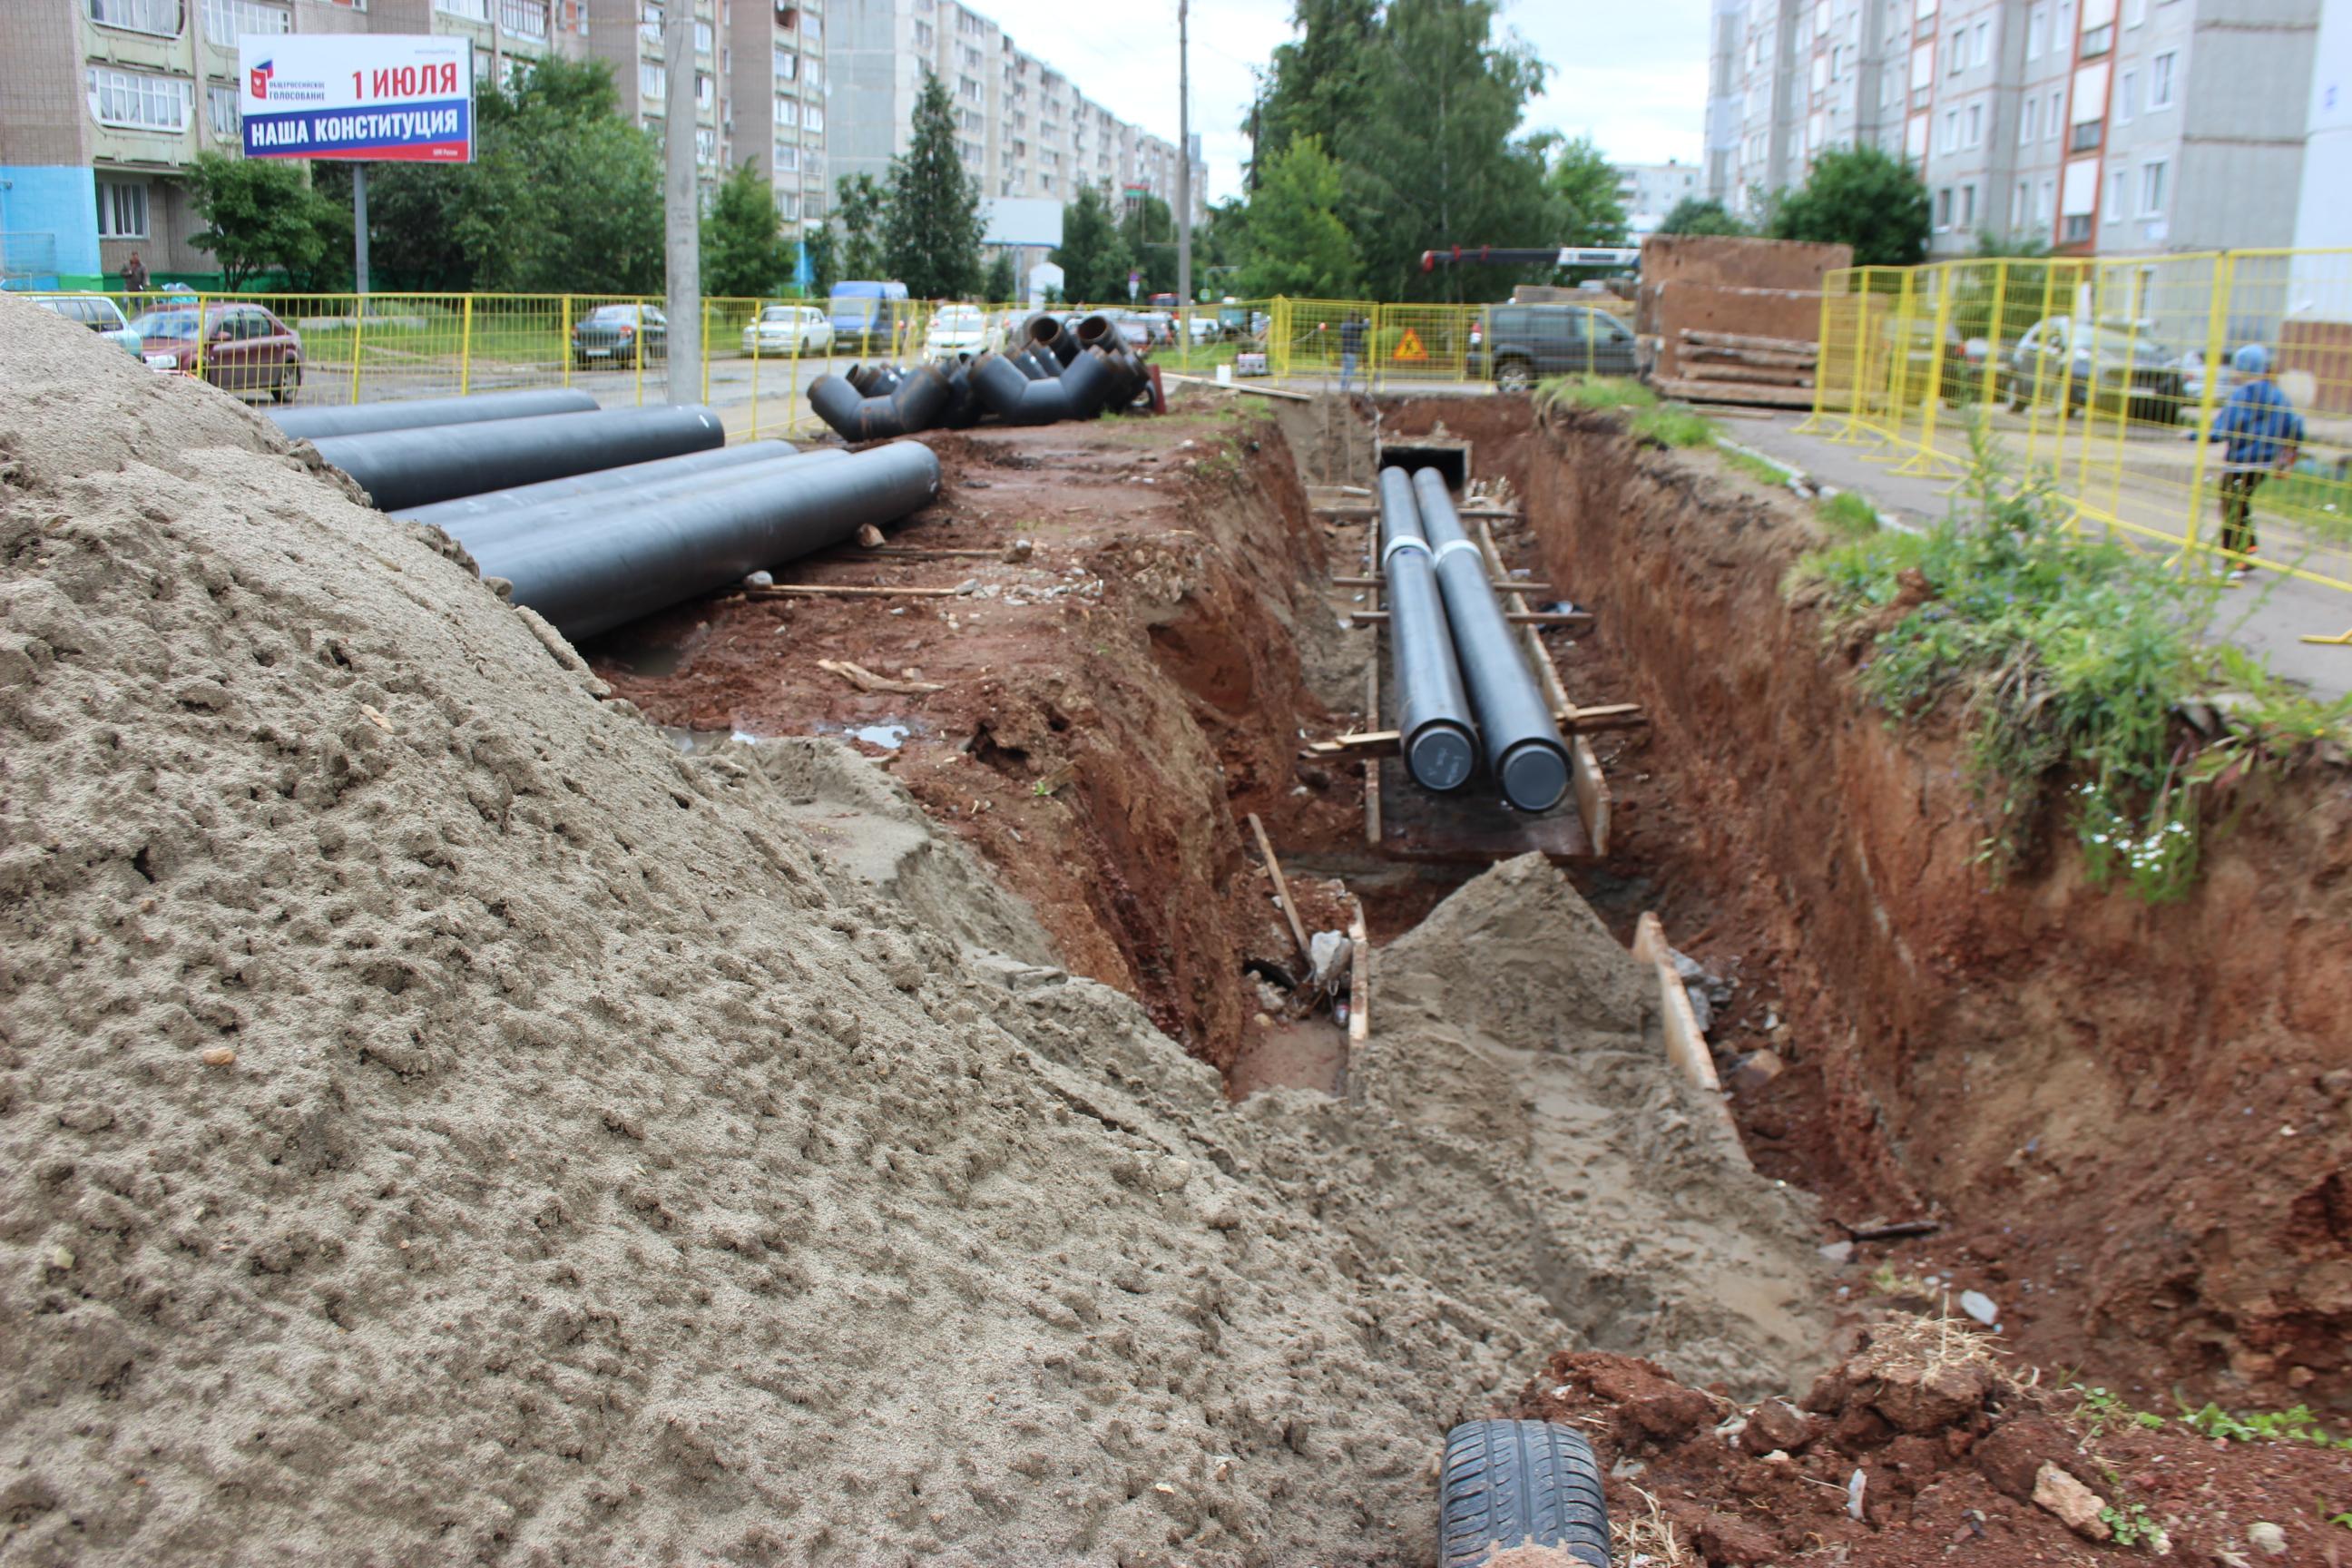 КТК проводит масштабную реконструкцию магистральных тепловых сетей в Юго-западном районе Кирова